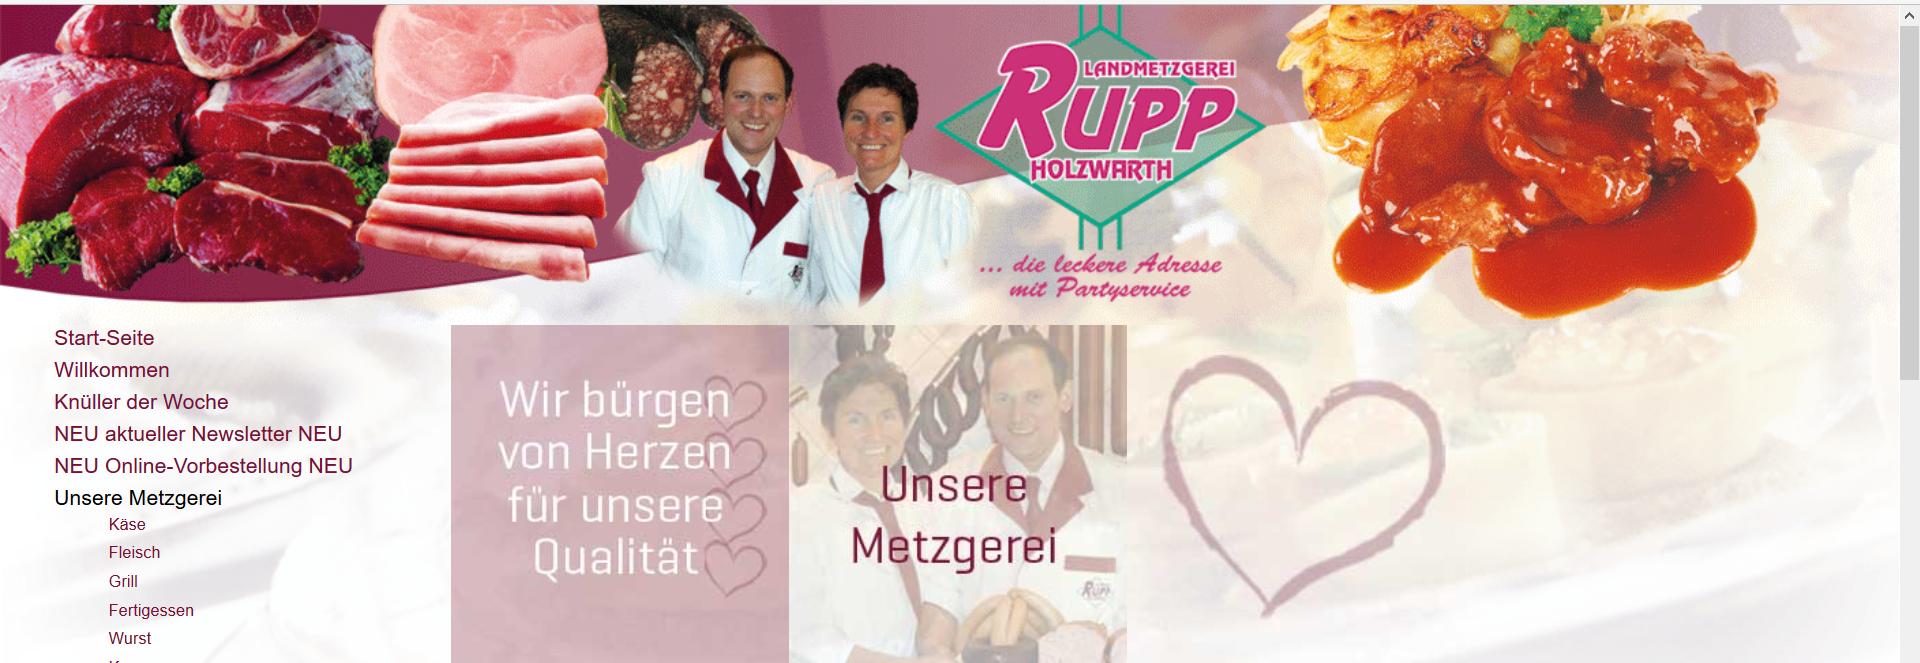 Metzgervermarktung Rainer, Andreas Mueller Rems-Murr-Schwein